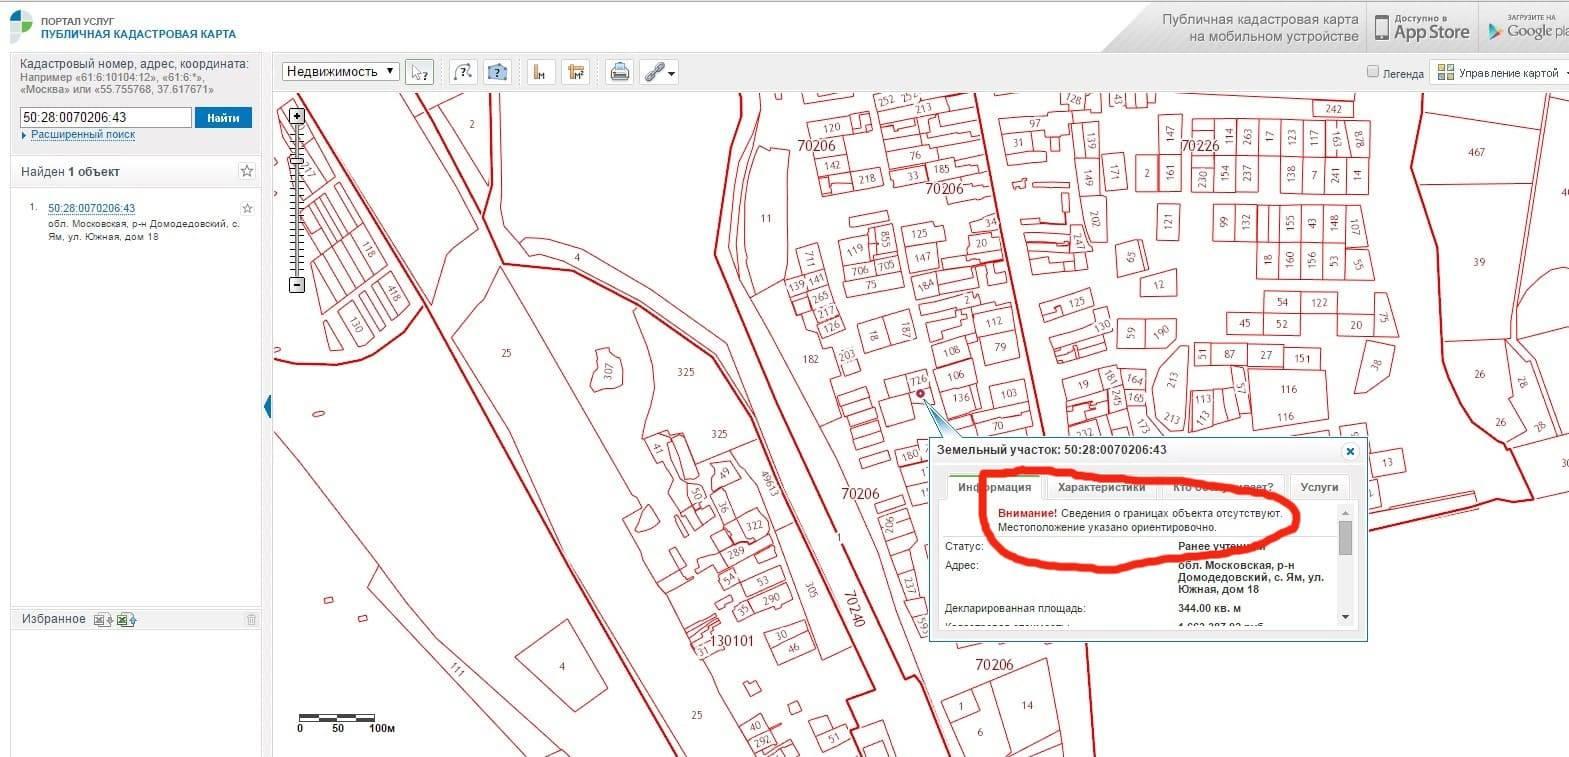 Межевание земельных участков в москве и московской области: работы и стоимость